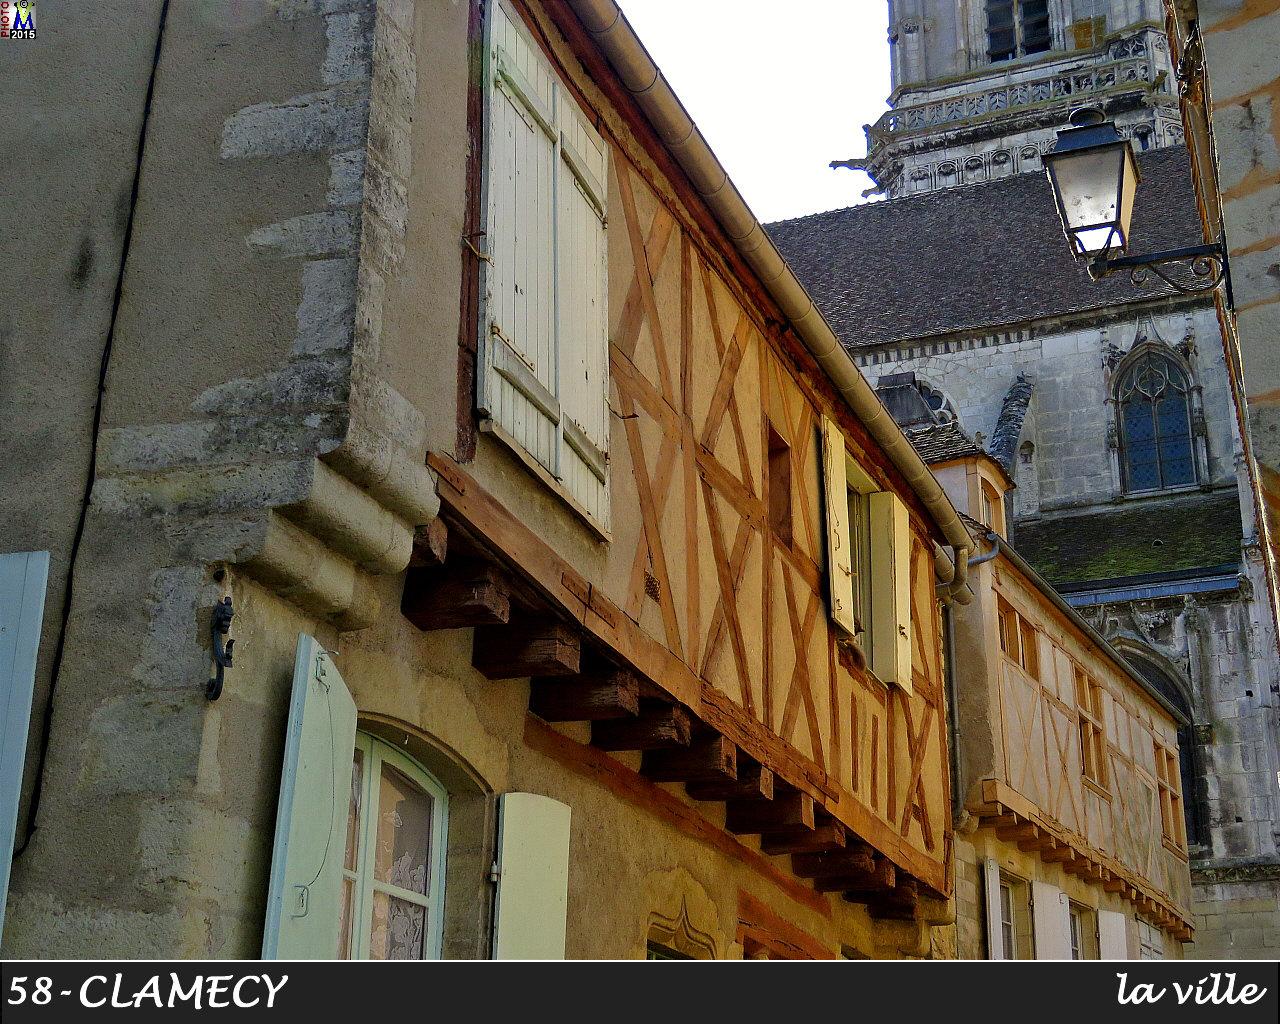 NIEVRE - Photos de la commune de : CLAMECY